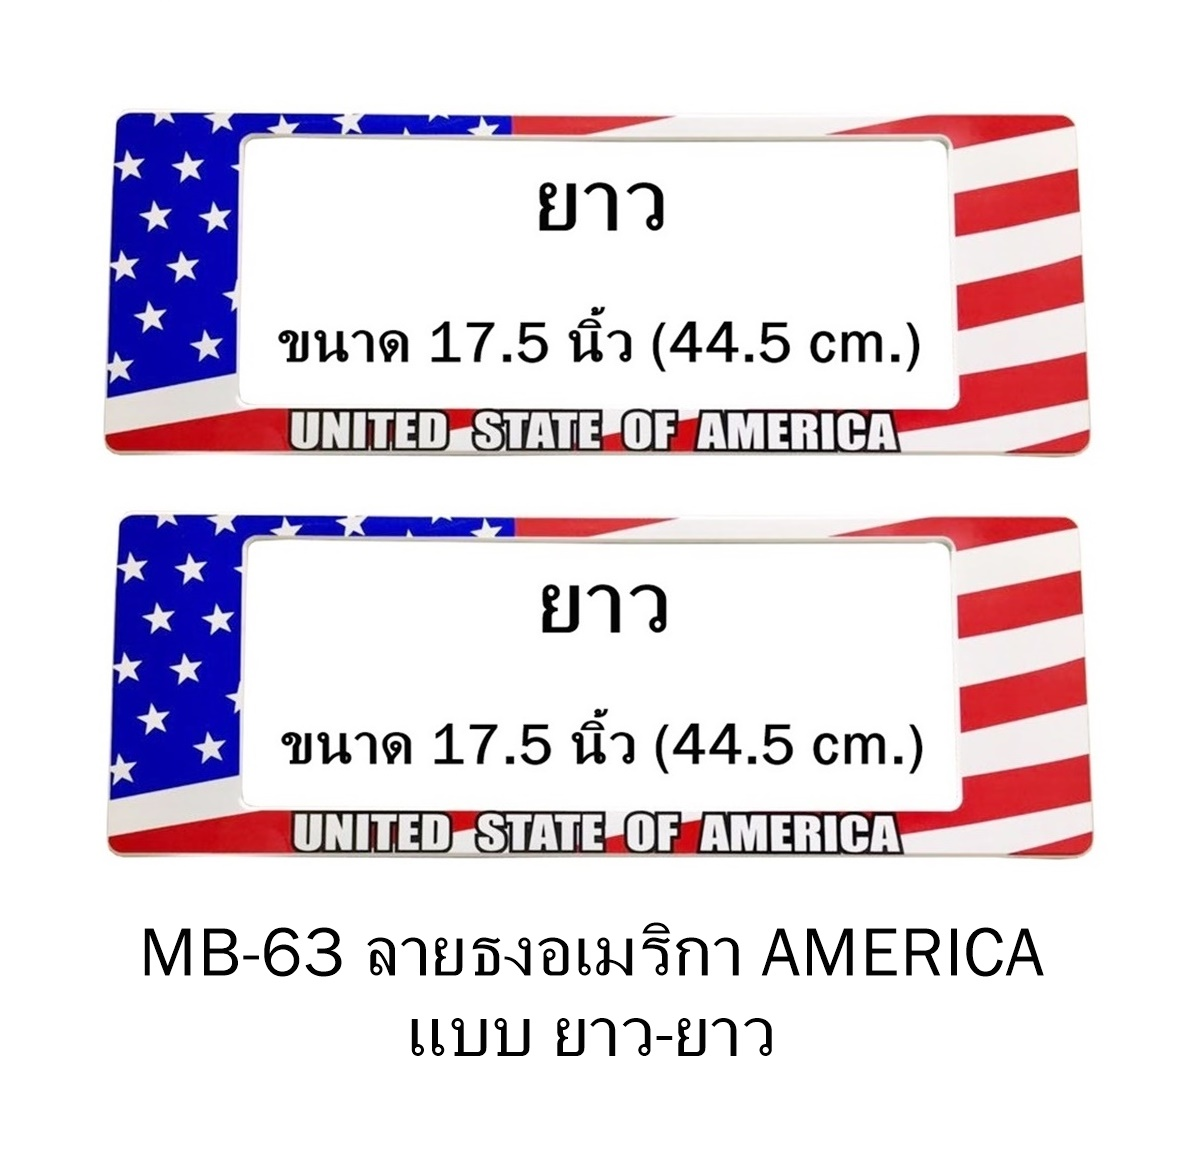 กรอบป้ายทะเบียนรถยนต์กันน้ำ MB-63 USA FLAG ธงชาติอเมริกา ลายพราง ยาว-ยาว ระบบล็อค8จุด อะไหล่ครบ